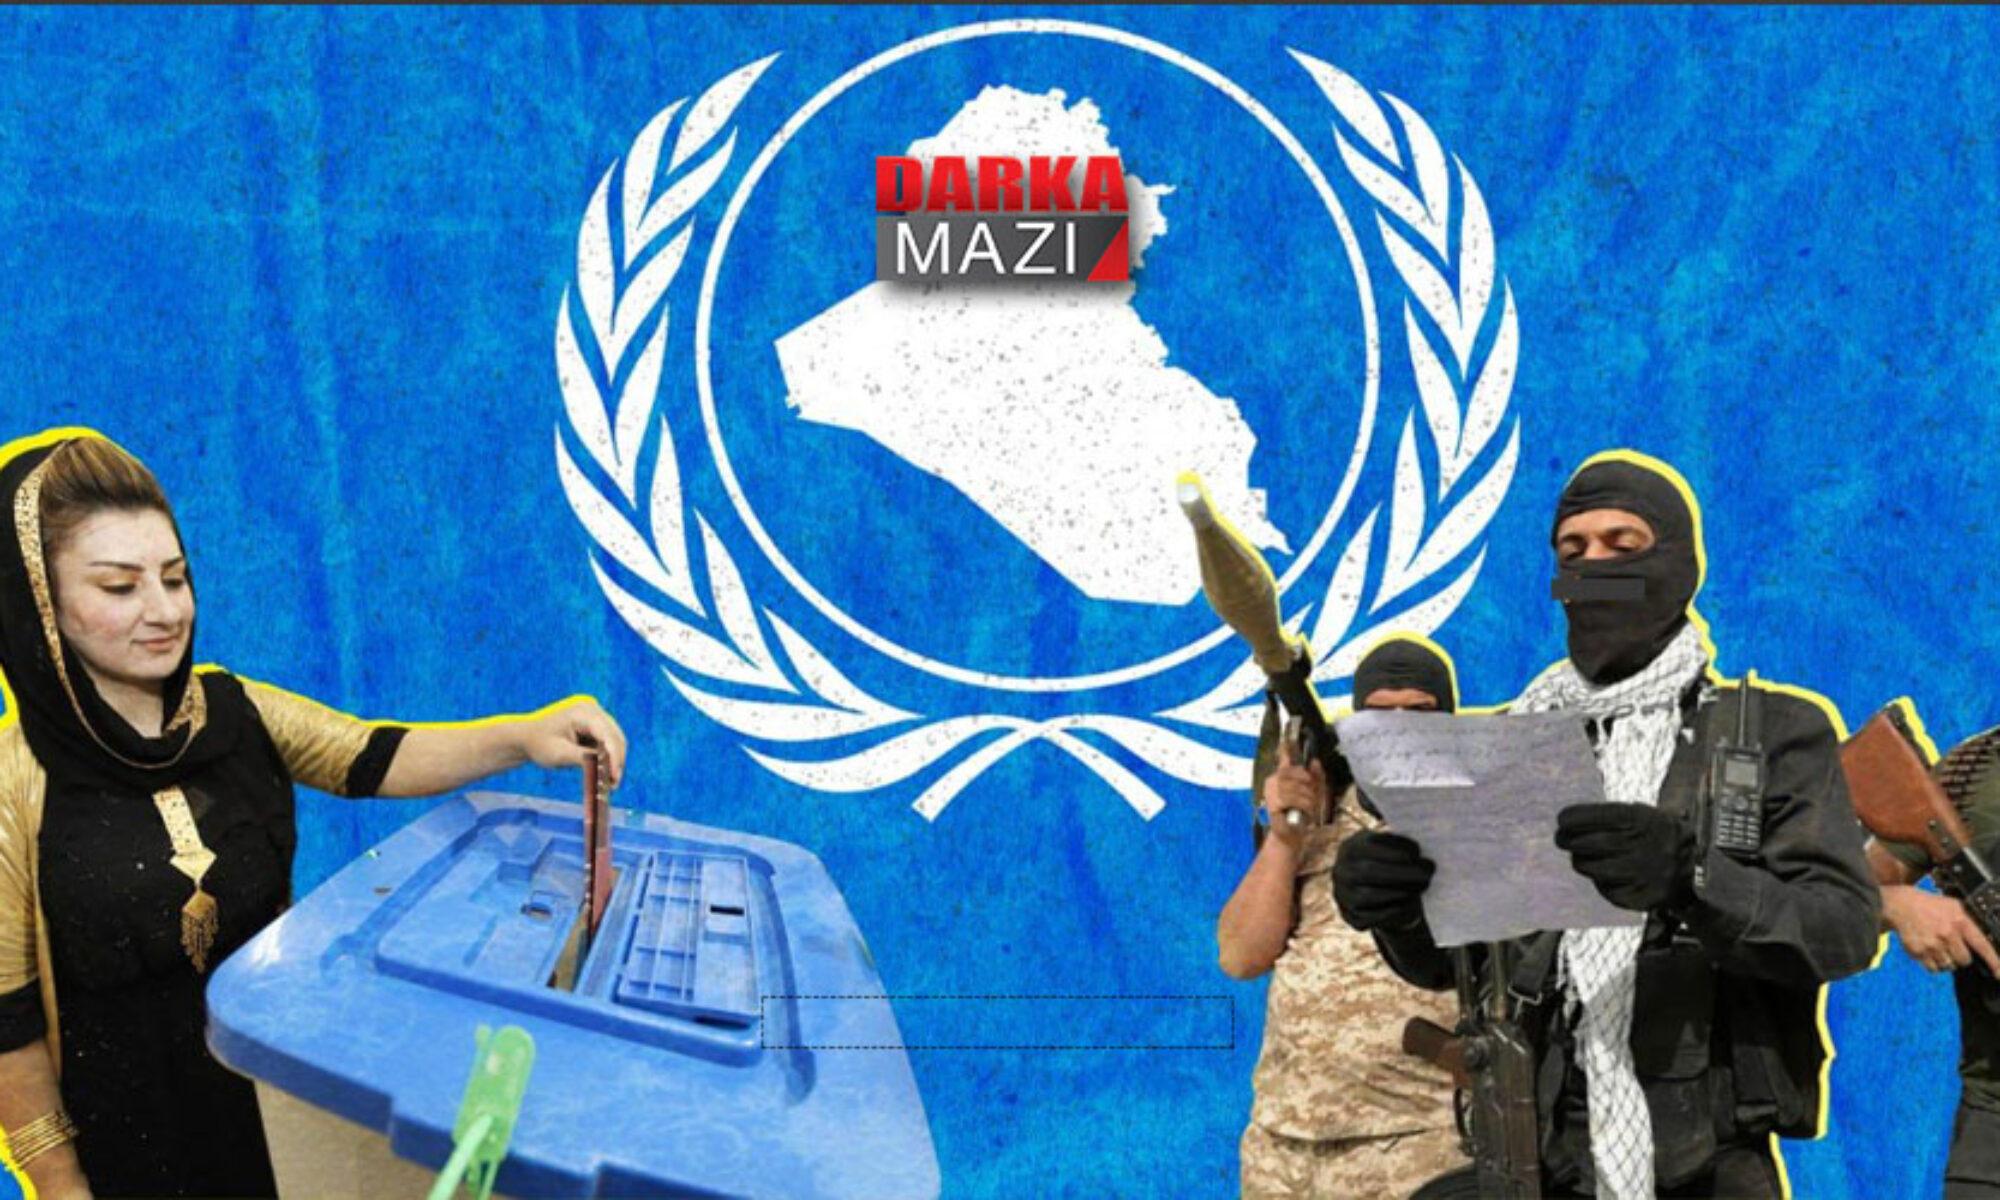 PKK Irak seçimlerinde Haşdi Şabi adaylarını destekliyor Hawer Nêrweyi, Şengal, Xanaqin, Kurdistan Bölgesi,